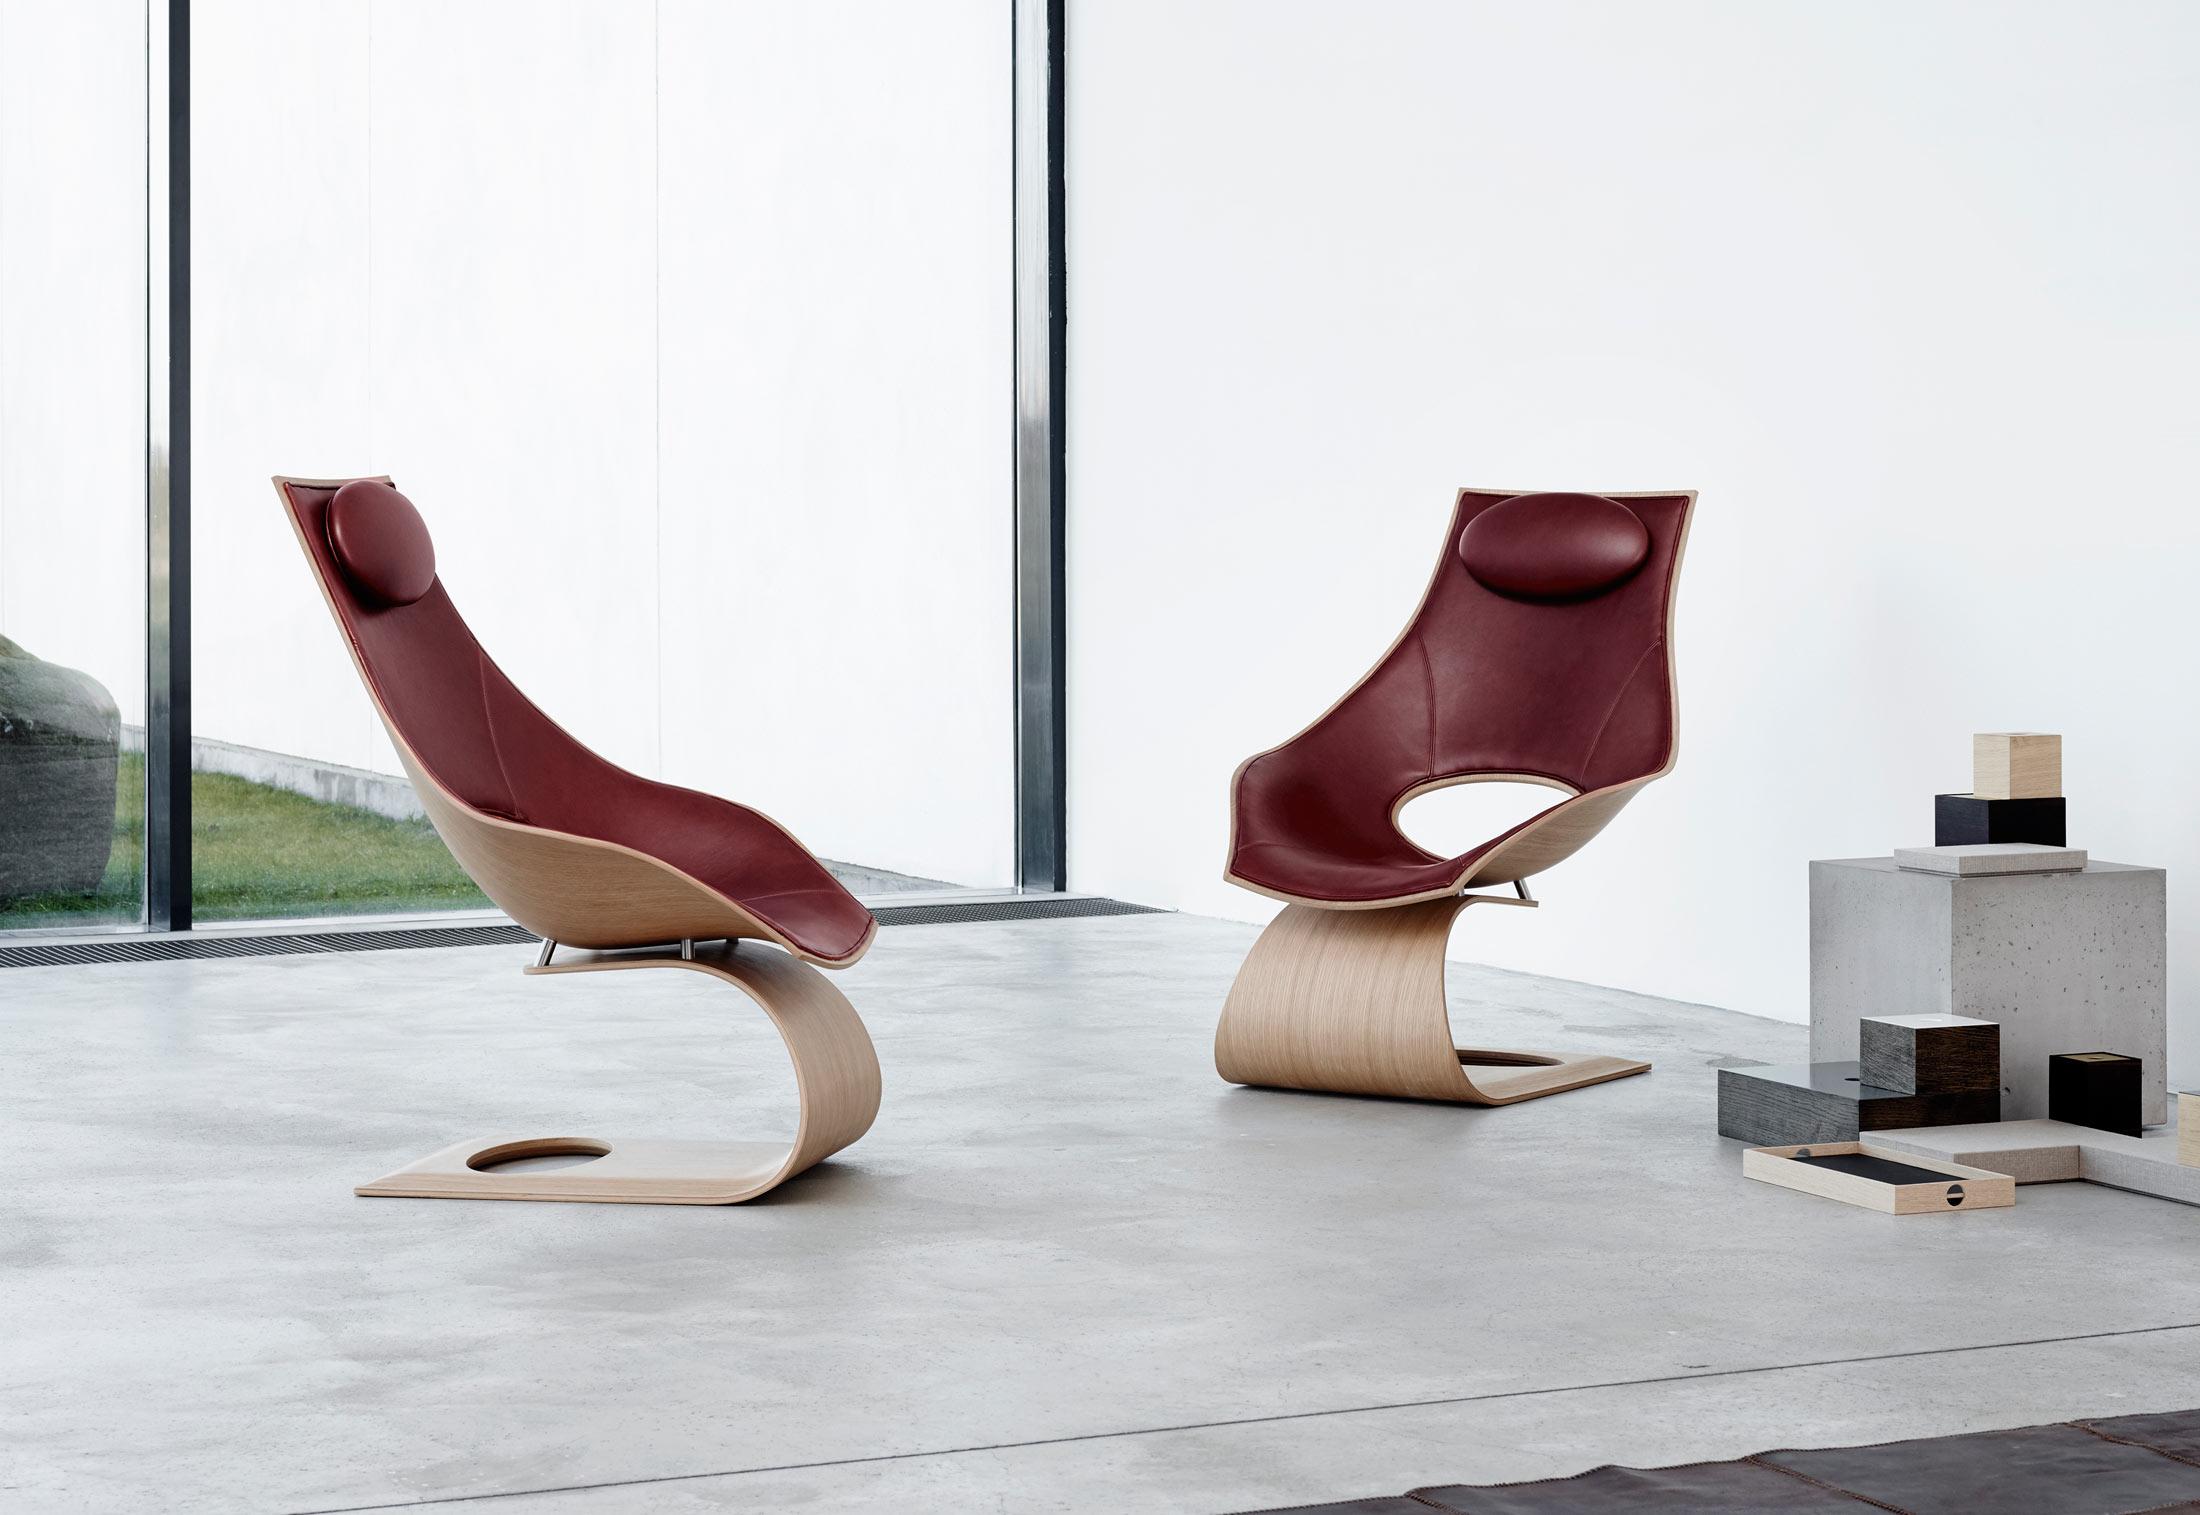 Dream Chair by Carl Hansen & S¸n